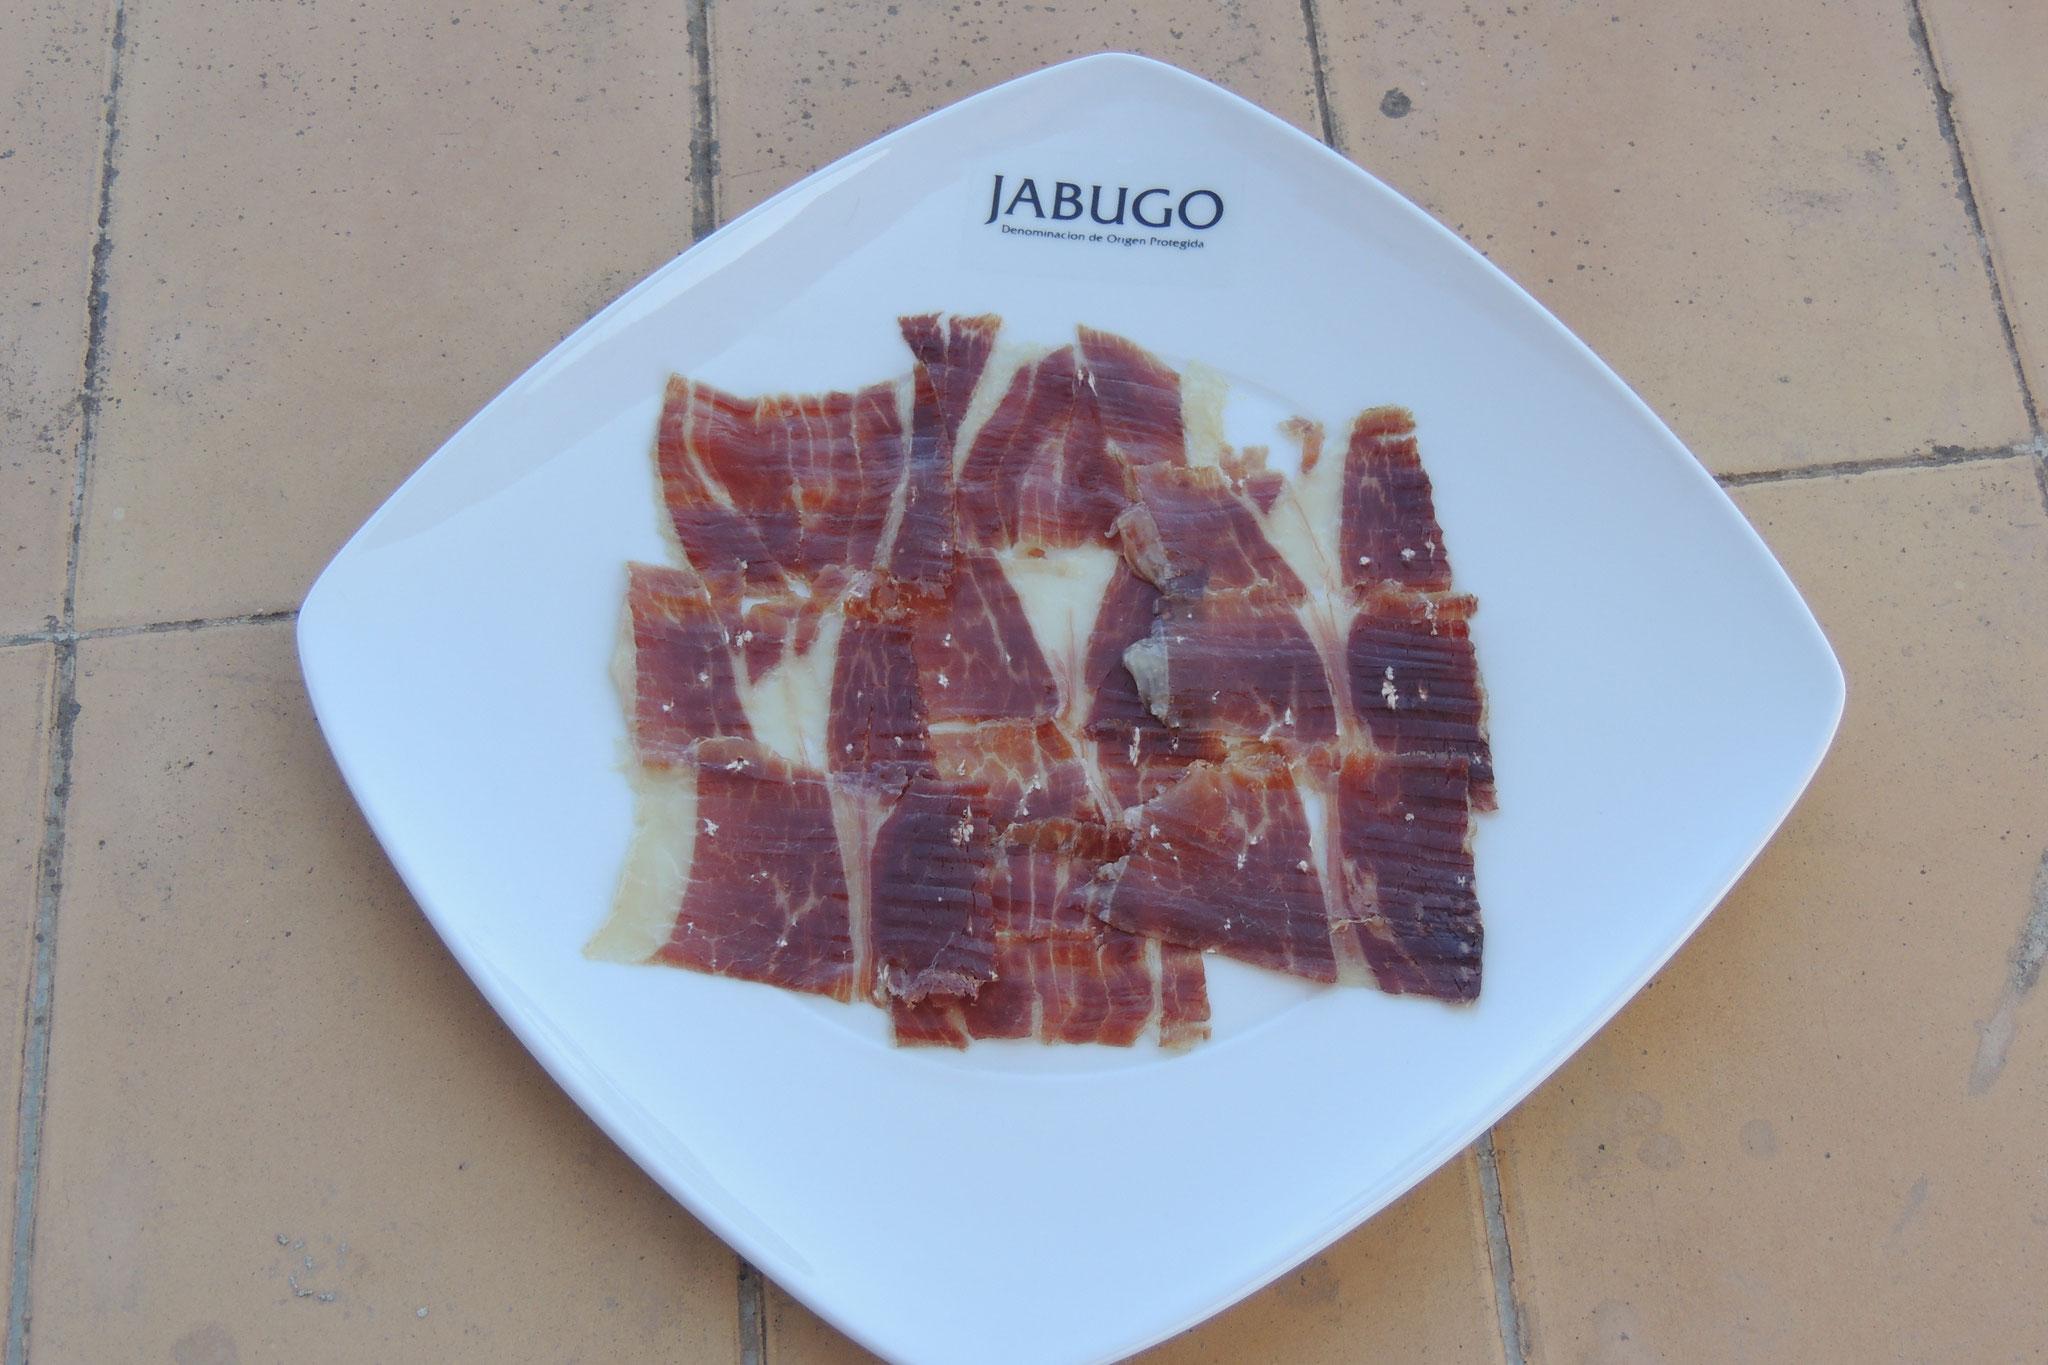 Plato de Jamón Ibérico de Jabugo